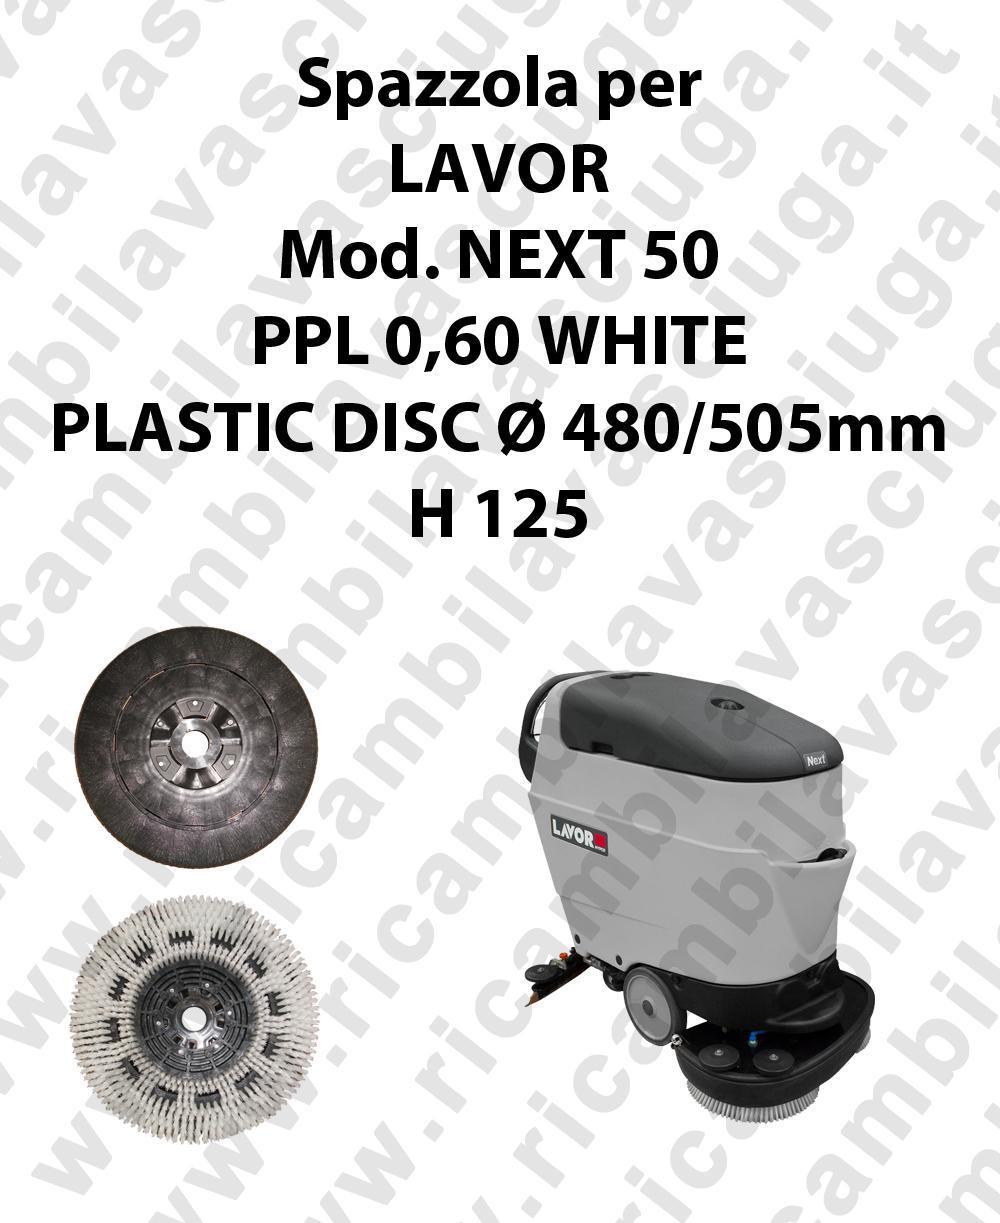 CEPILLO DE LAVADO PPL 0,60 WHITE para fregadora LAVOR modelo NEXT 50